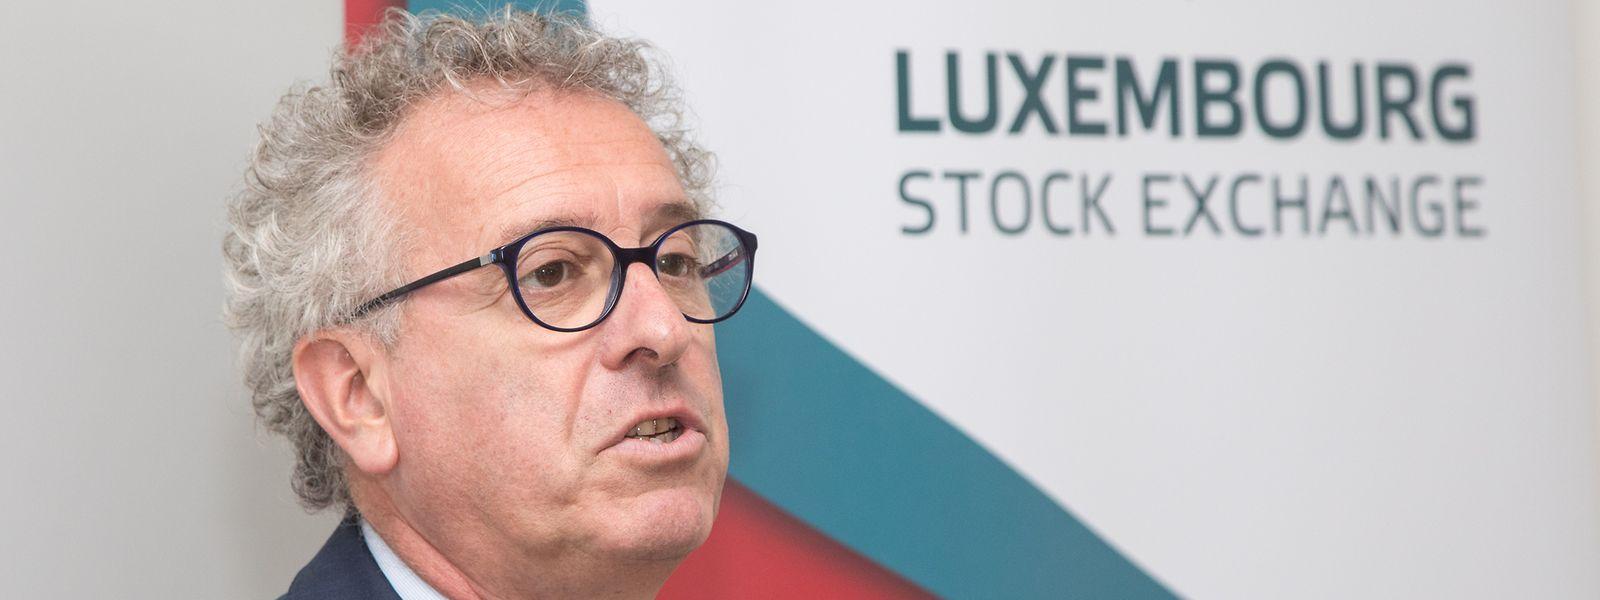 Le nouvel emprunt sera coté à la Bourse de Luxembourg, a indiqué Pierre Gramegna.